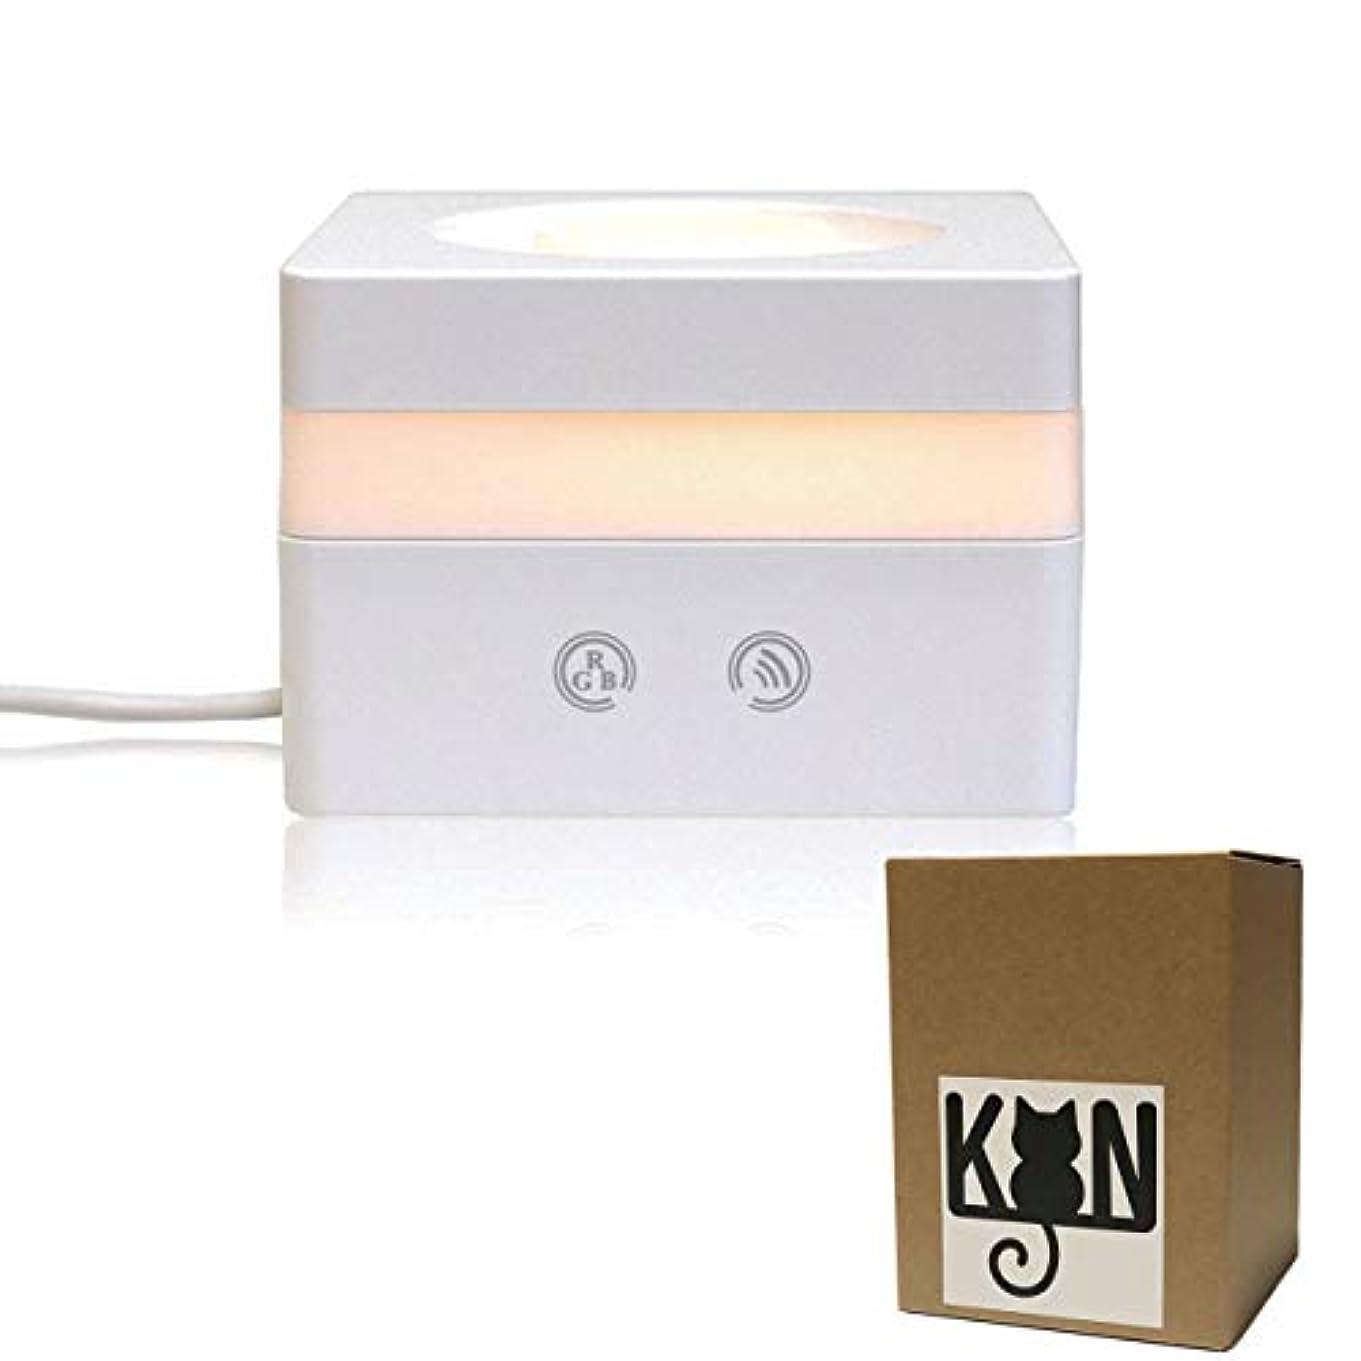 最悪数値ガイダンスKON アロマディフューザー 超音波式 アロマ加湿器 卓上 アロマ ムードランプ 七色変換LEDライト USB給電式 空焚き防止機能 卓上加湿器 キューブ型